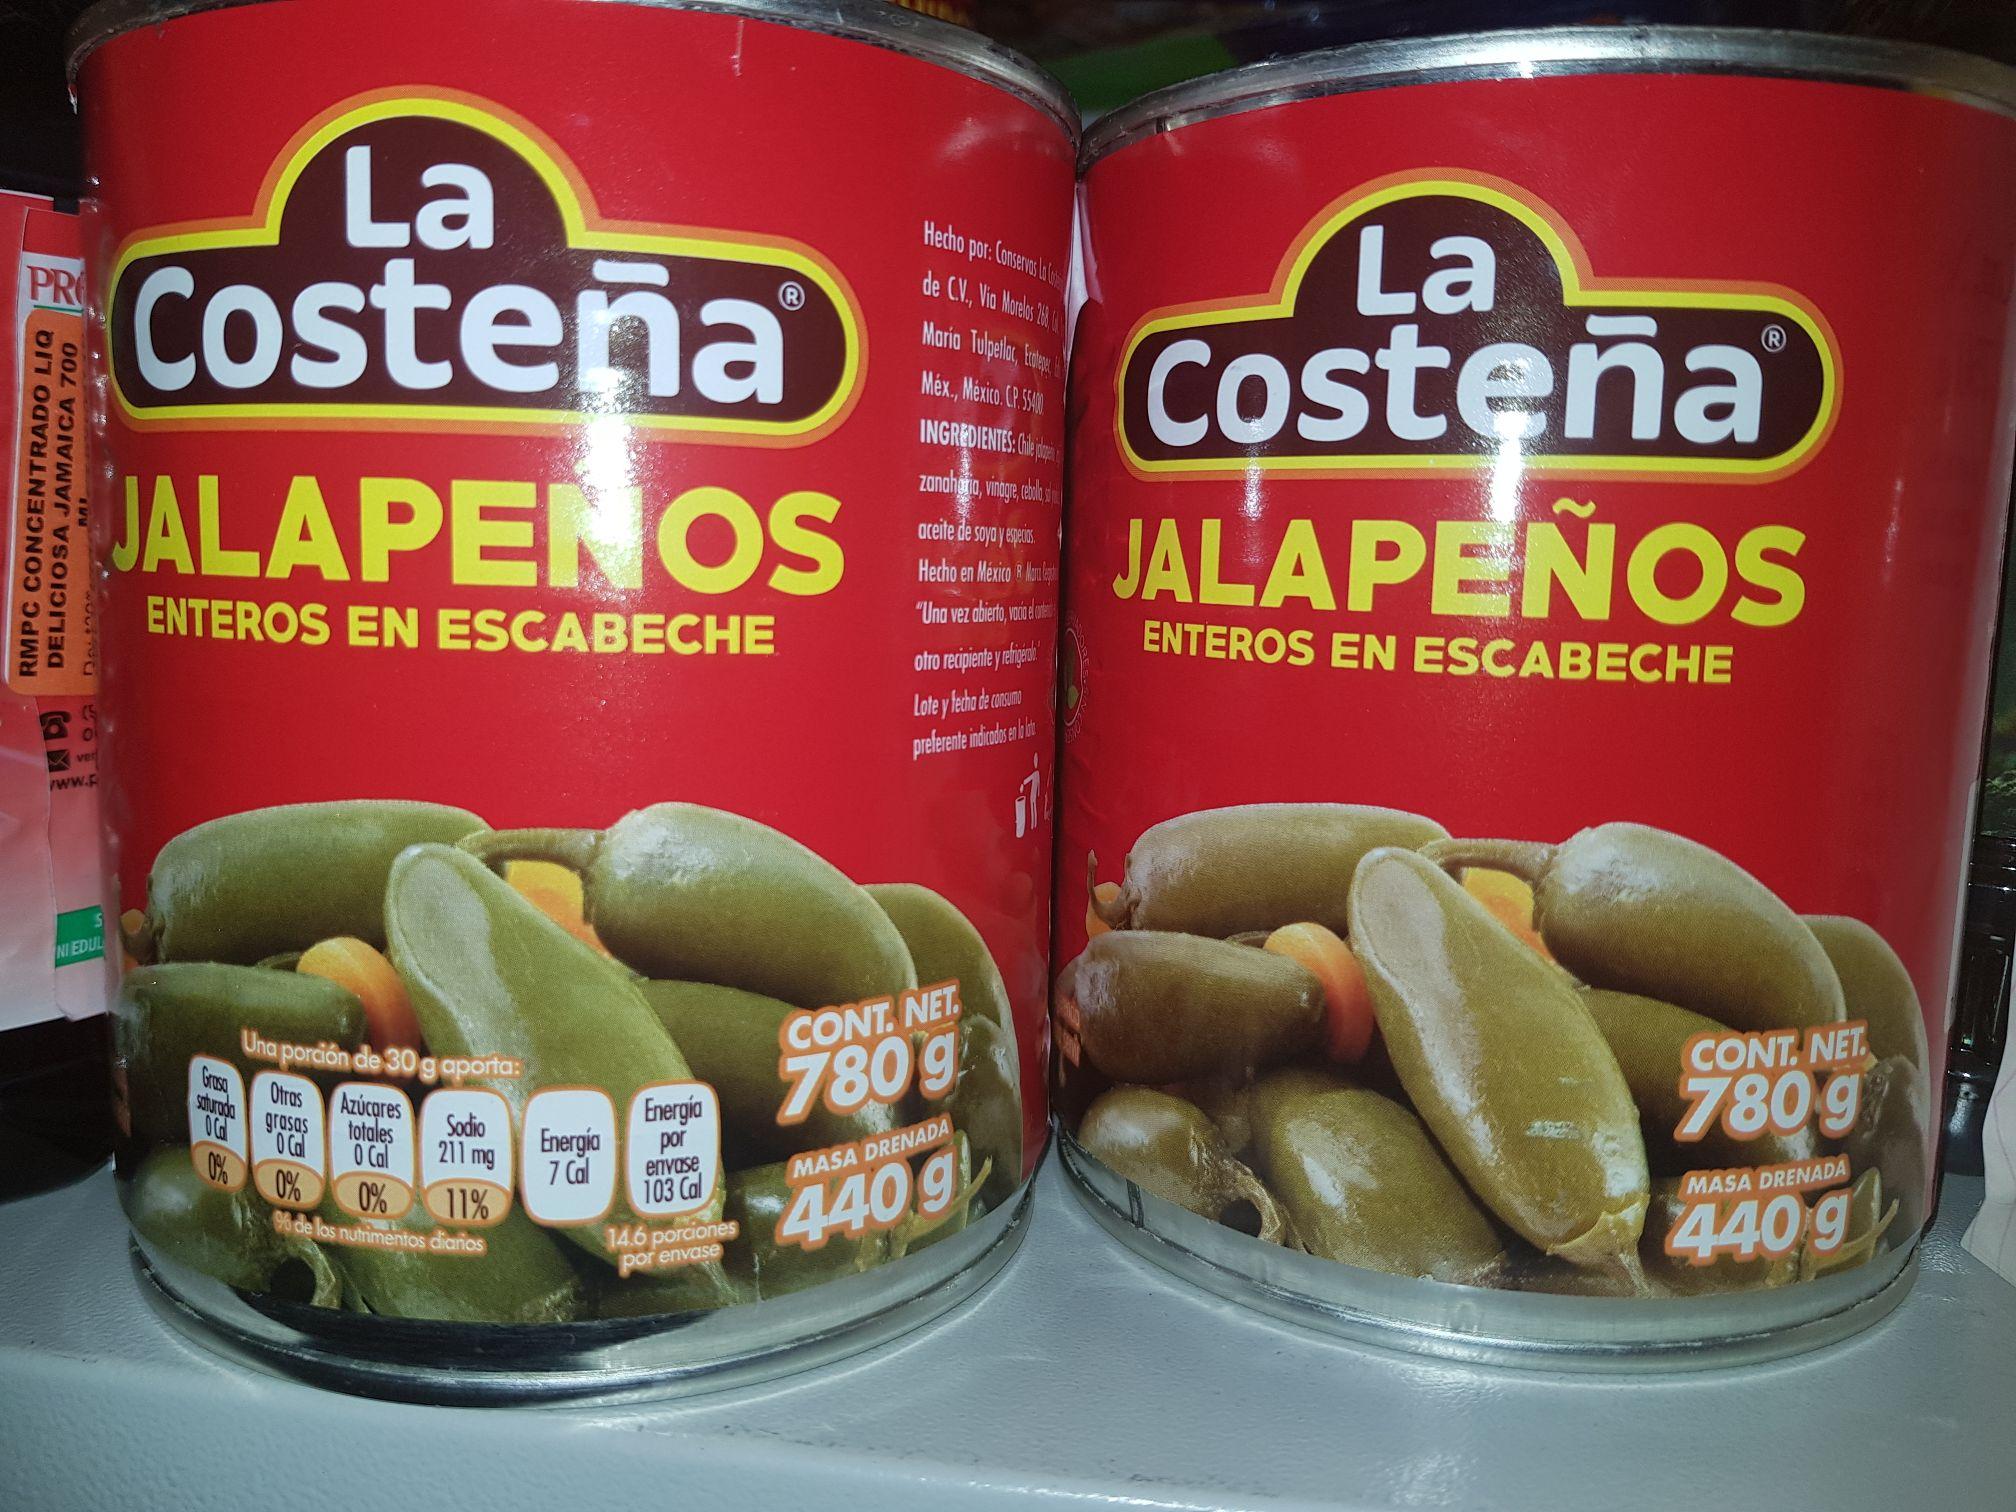 Soriana Hiper: Chiles Jalapenos en escabeche La Costeña de 780 grs.